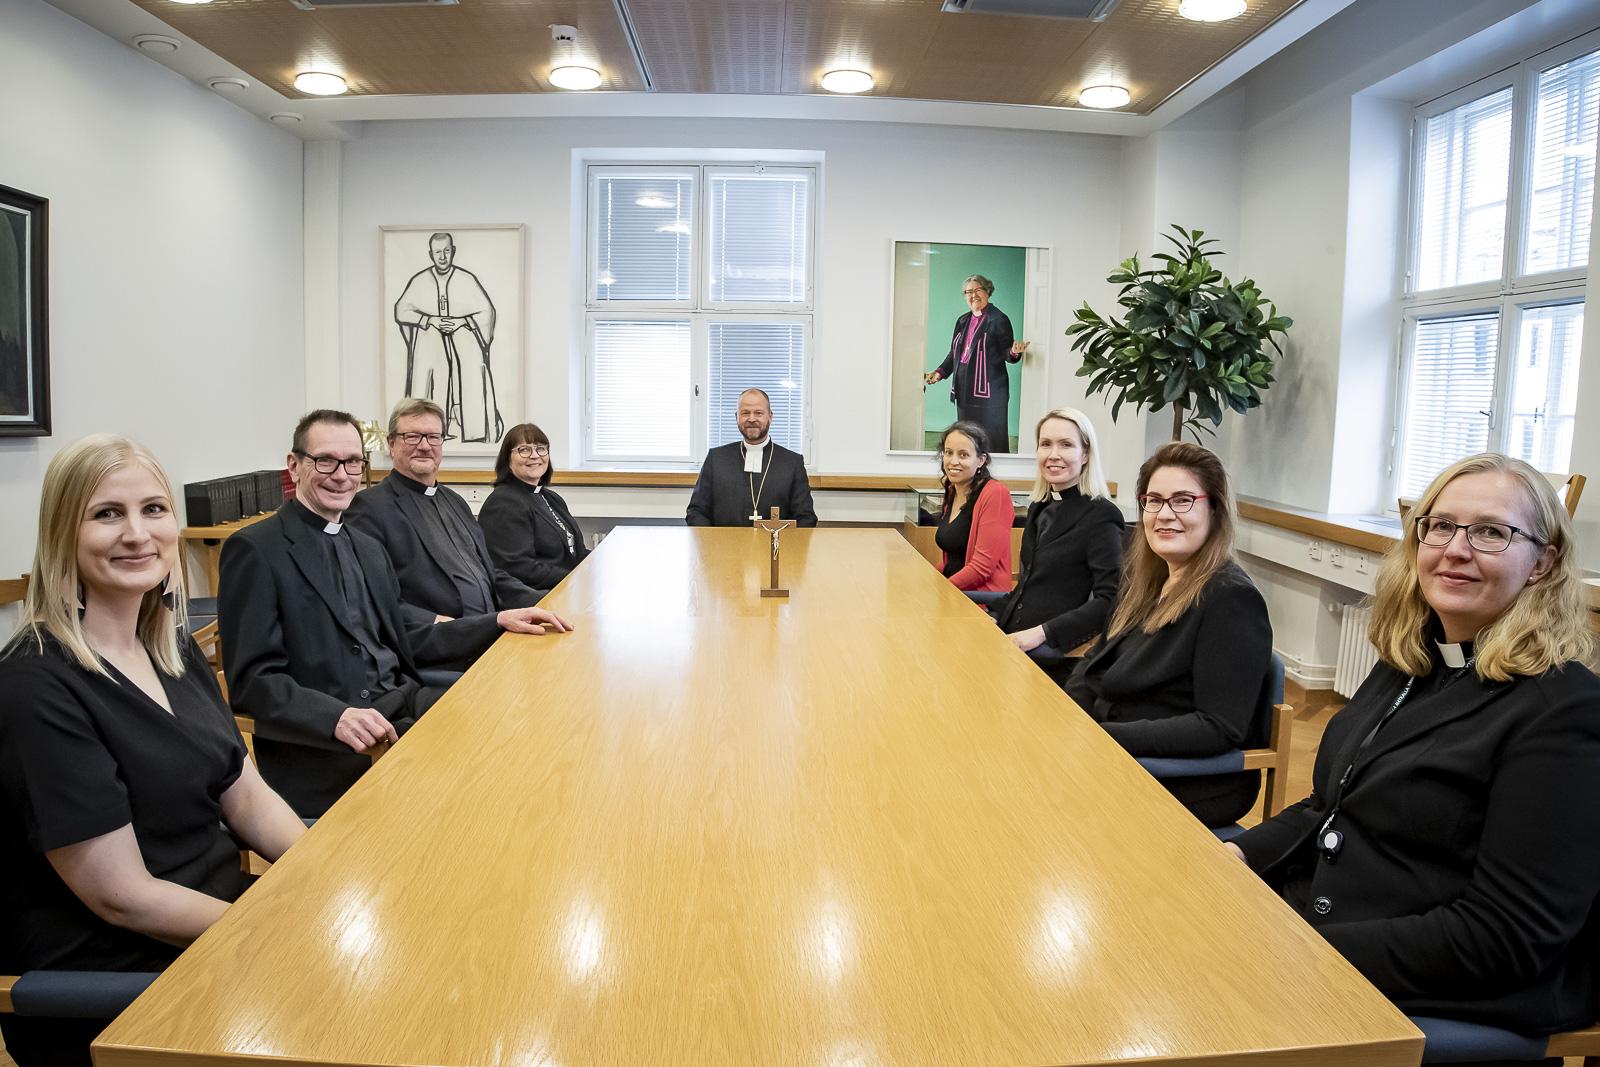 Kuva istunnon jäsenistä pöydän ympärillä